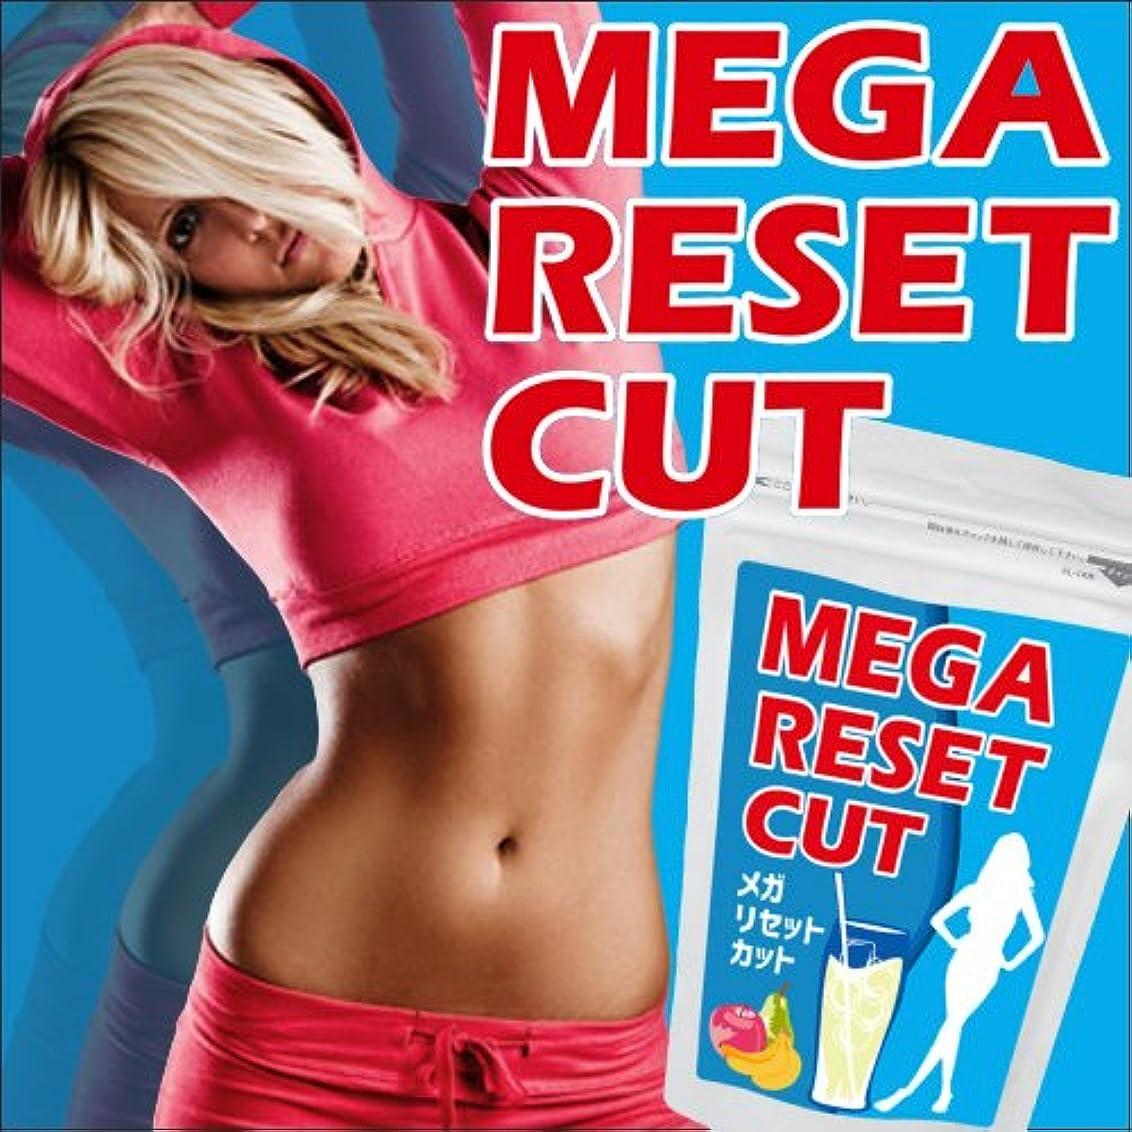 頭ベンチャー弓MEGA RESET CUT(メガリセットカット)ダイエット ダイエットサプリ 送料無料